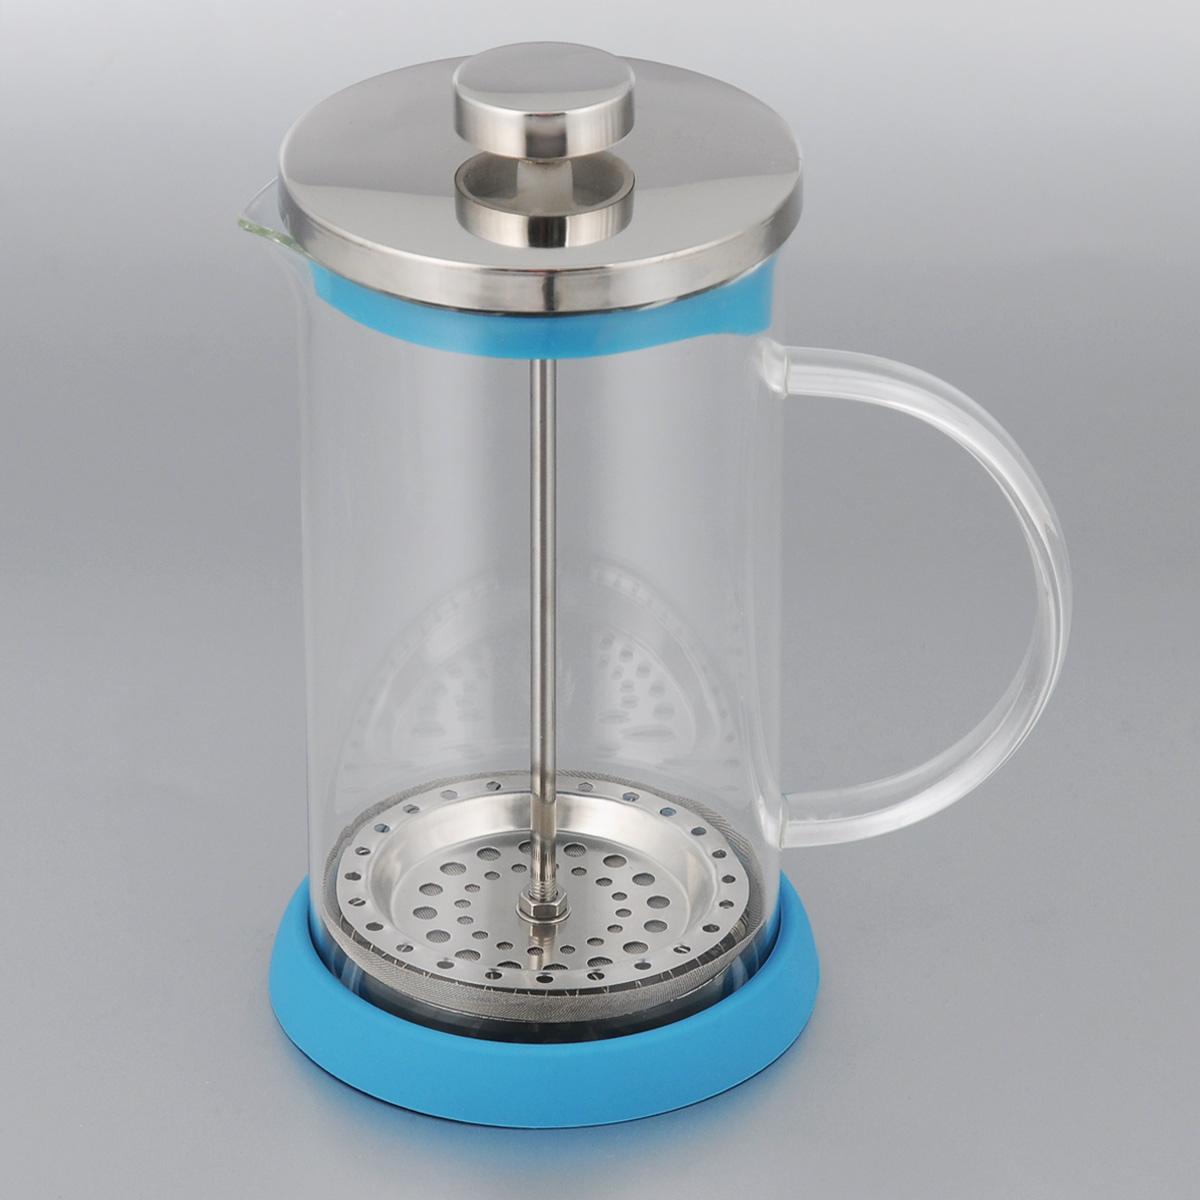 Френч-пресс Apollo Olimpique, цвет: голубой, 600 млOLM-600_голубойФренч-пресс Apollo Olimpique выполнен из нержавеющей стали и предназначен для заваривания чая, кофе или травяных напитков. Корпус изготовлен из высококачественного жаропрочного стекла, устойчивого к окрашиванию, царапинам и термошоку. Френч-пресс имеет металлический сетчатый фильтр с загнутыми краями, который обеспечивает высокое качество фильтрации напитка. Ручка из пищевого пластика не нагревается и безопасна в использовании. Яркая подставка из силикона препятствует скольжению чайника. Эстетичный и функциональный чайник будет оригинально смотреться в любом интерьере. Нельзя мыть в посудомоечной машине. Высота (с учетом крышки): 18 см. Диаметр колбы по верхнему краю: 9 см. Высота стенки колбы: 15,5 см. Объем: 600 мл.